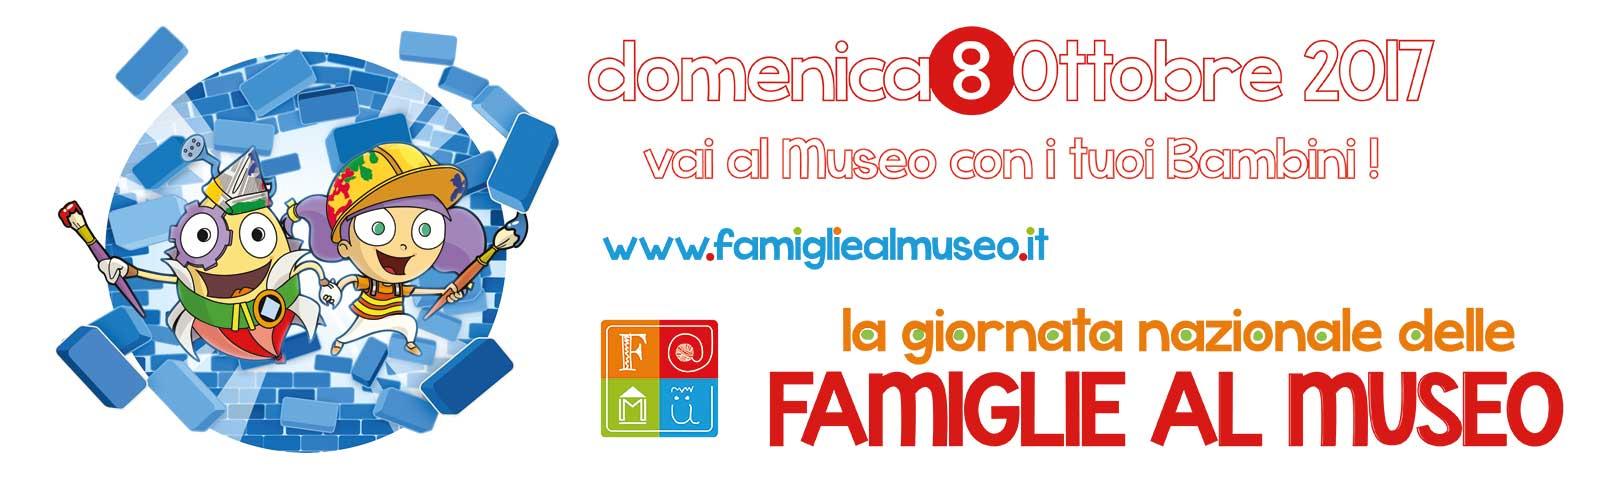 F@Mu. La giornata delle famiglie al museo. Colori venuti da lontano